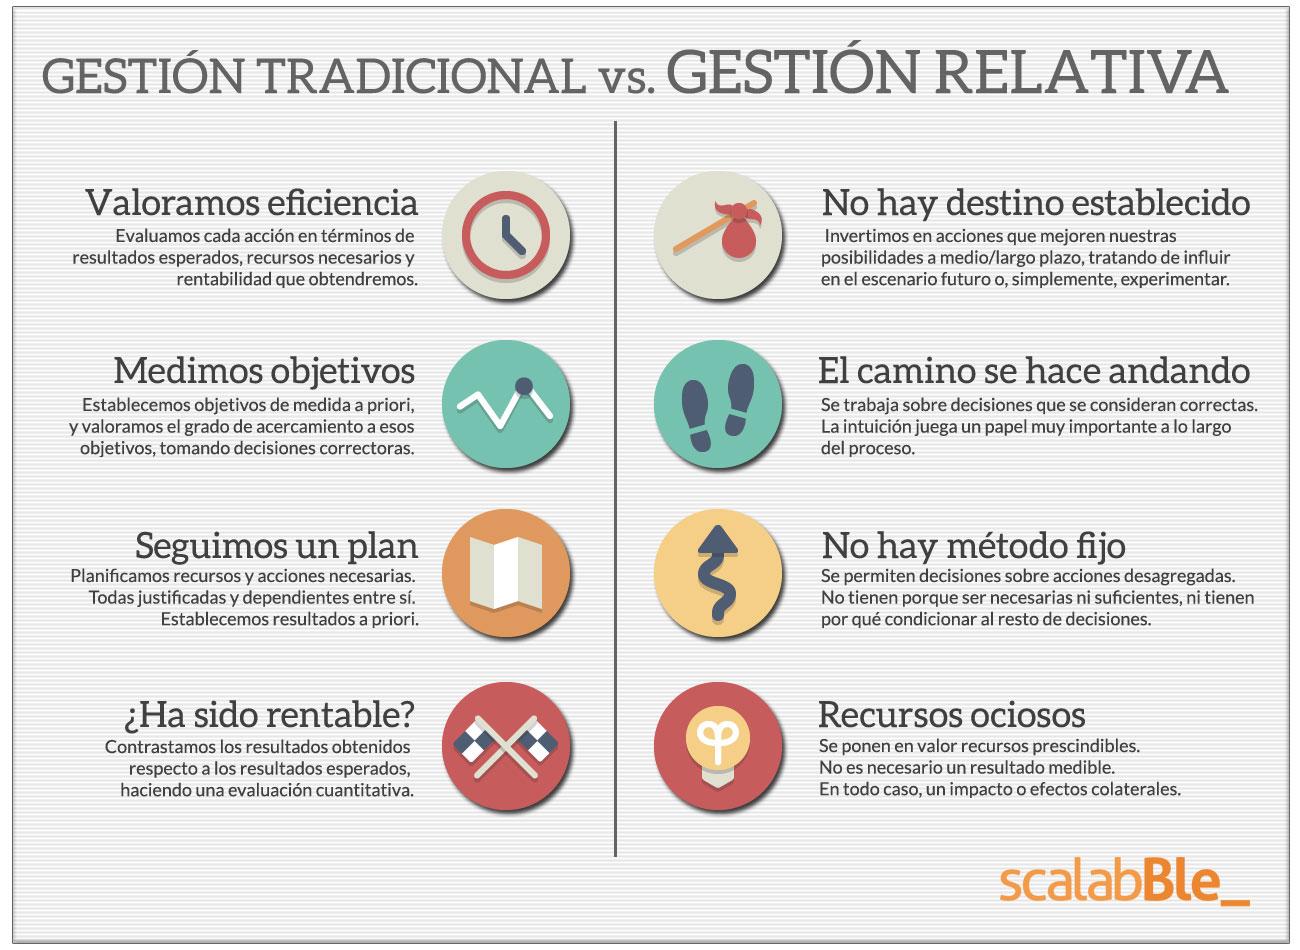 Gestión tradicional vs. Recursos ociosos